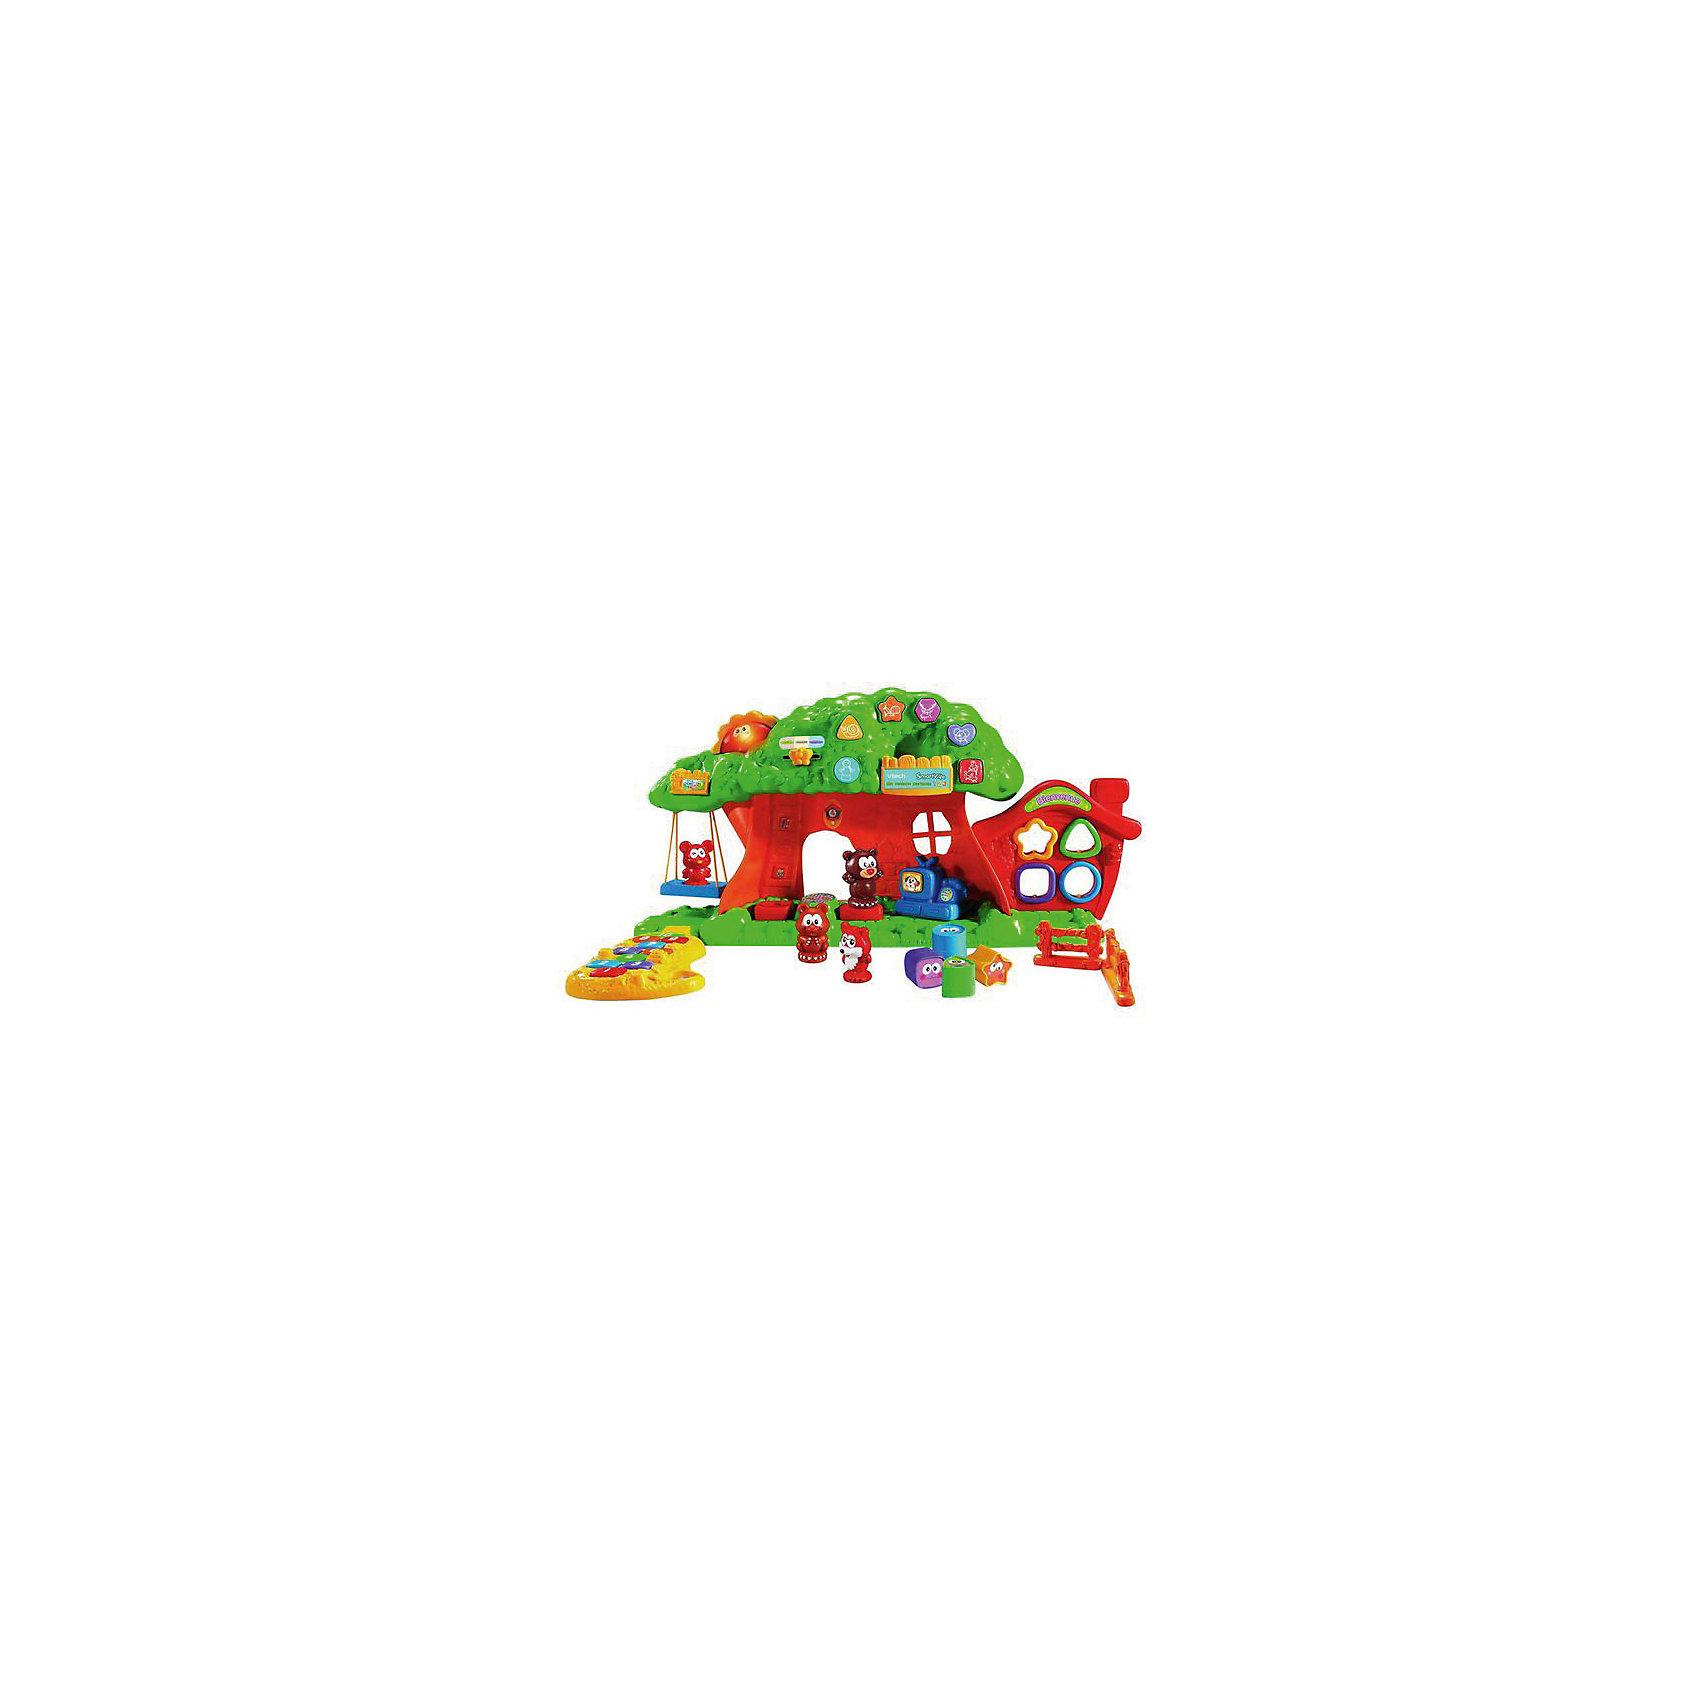 Веселый зоосад, VtechИнтерактивные игрушки для малышей<br>Характеристики:<br><br>• Материал: пластик <br>• Комплектация: платформа-подставка, дерево, домик-сортер, 4 фигурки животных, 4 фигурки для сортера, 2 детали забора<br>• Наличие 8 обучающих программ<br>• Наличие звуковых эффектов<br>• Световые эффекты<br>• 2 режима игры<br>• Отсутствие острых углов<br>• Подвижные качели<br>• Батарейки: 3 шт. типа АА (предусмотрены в комплекте)<br>• Размер упаковки (Д*Ш*В): 31*13*43 см<br>• Вес: 1 кг 280 г<br>• Подарочная упаковка<br>• Особенности ухода: допускается сухая и влажная чистка<br><br>Веселый зоосад, Vtech – это многофункциональная интерактивная игрушка от французского производителя, который является мировым лидером по выпуску электронных обучающих устройств и игрушек. Набор для игры состоит из платформы-основания, на котором расположено дерево с раскидистой кроной, домик-сортер, элементы забора и панель с кнопками-переключателями. Дополнительно предусмотрены 4 фигурки животных и 4 фигурки для сортера. Игрушка имеет два варианта игры. <br><br>Веселый зоосад, Vtech можно купить в нашем интернет-магазине.<br><br>Ширина мм: 610<br>Глубина мм: 33<br>Высота мм: 148<br>Вес г: 1370<br>Возраст от месяцев: 12<br>Возраст до месяцев: 60<br>Пол: Унисекс<br>Возраст: Детский<br>SKU: 5471074